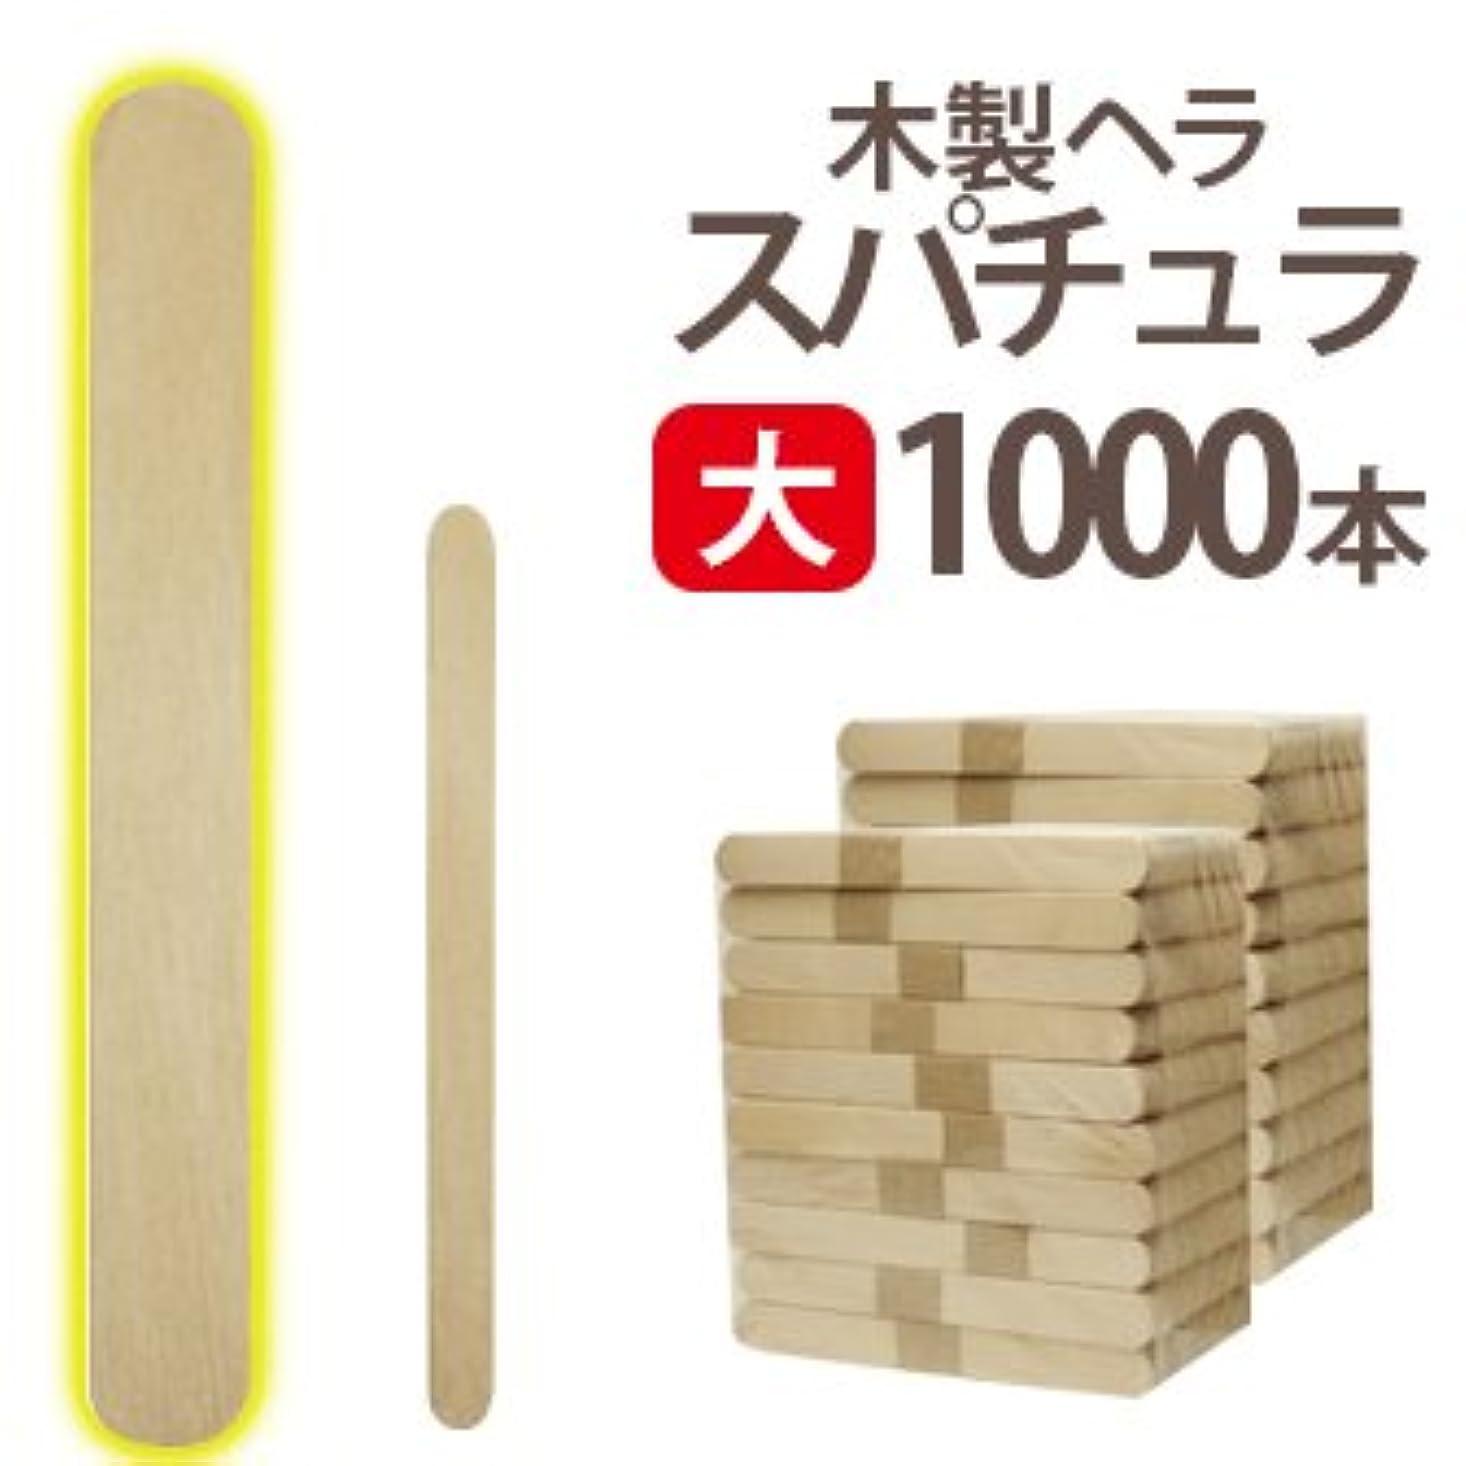 見て反対手荷物大 ブラジリアンワックス 業務用1000本 スパチュラ Aタイプ(個別梱包なし 150×16)